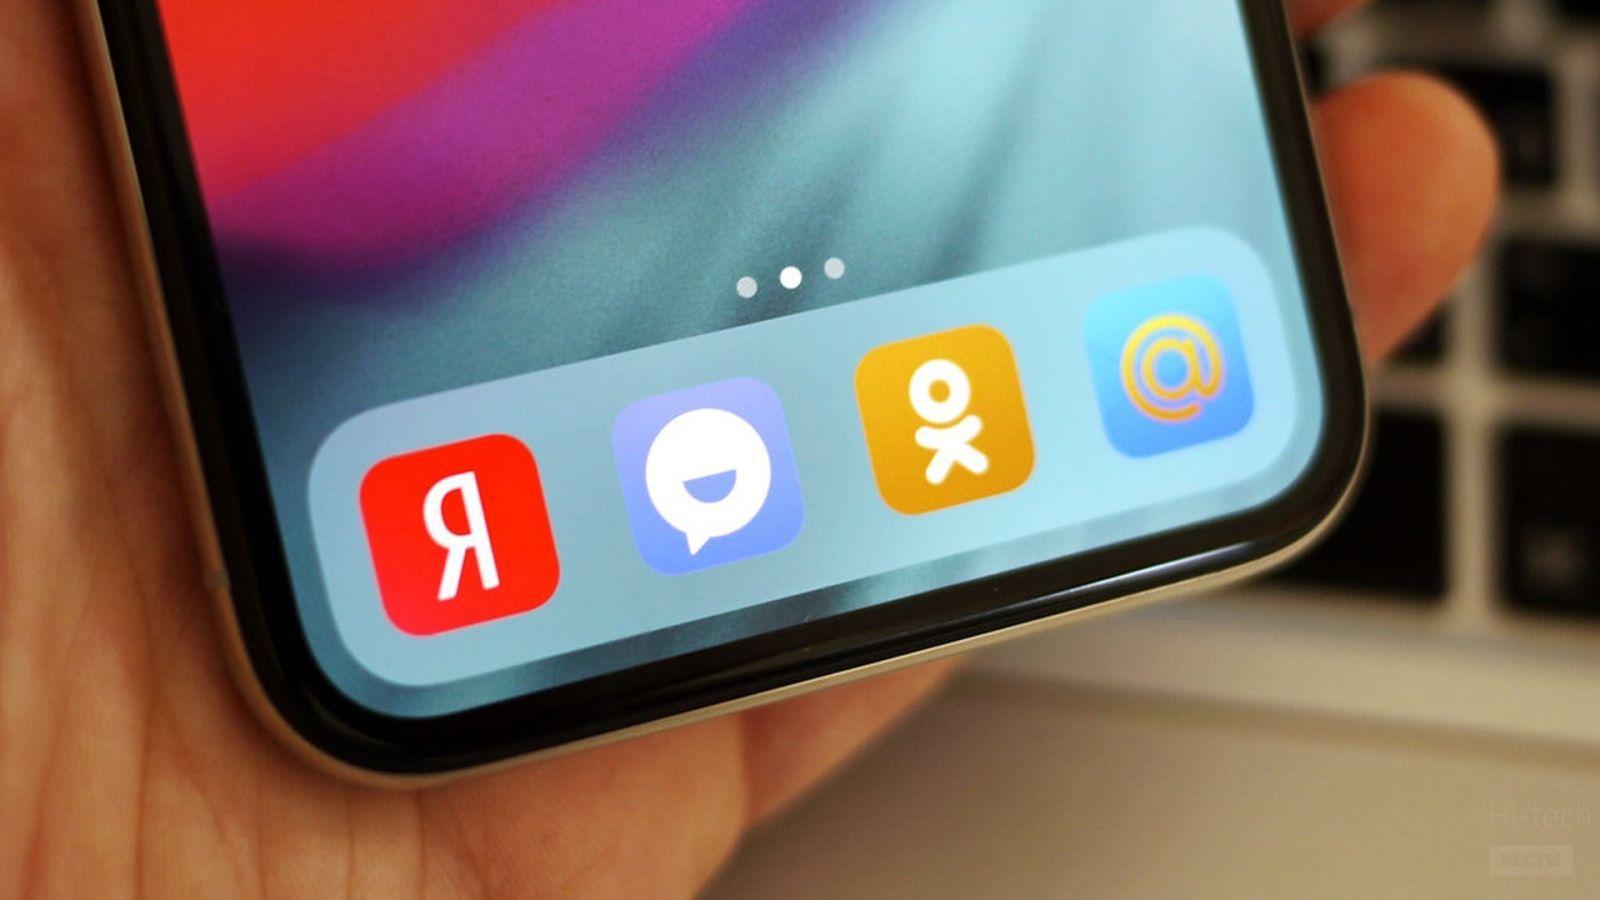 Госдума поддержала законопроект о запрете на продажу смартфонов без российского ПО (6)